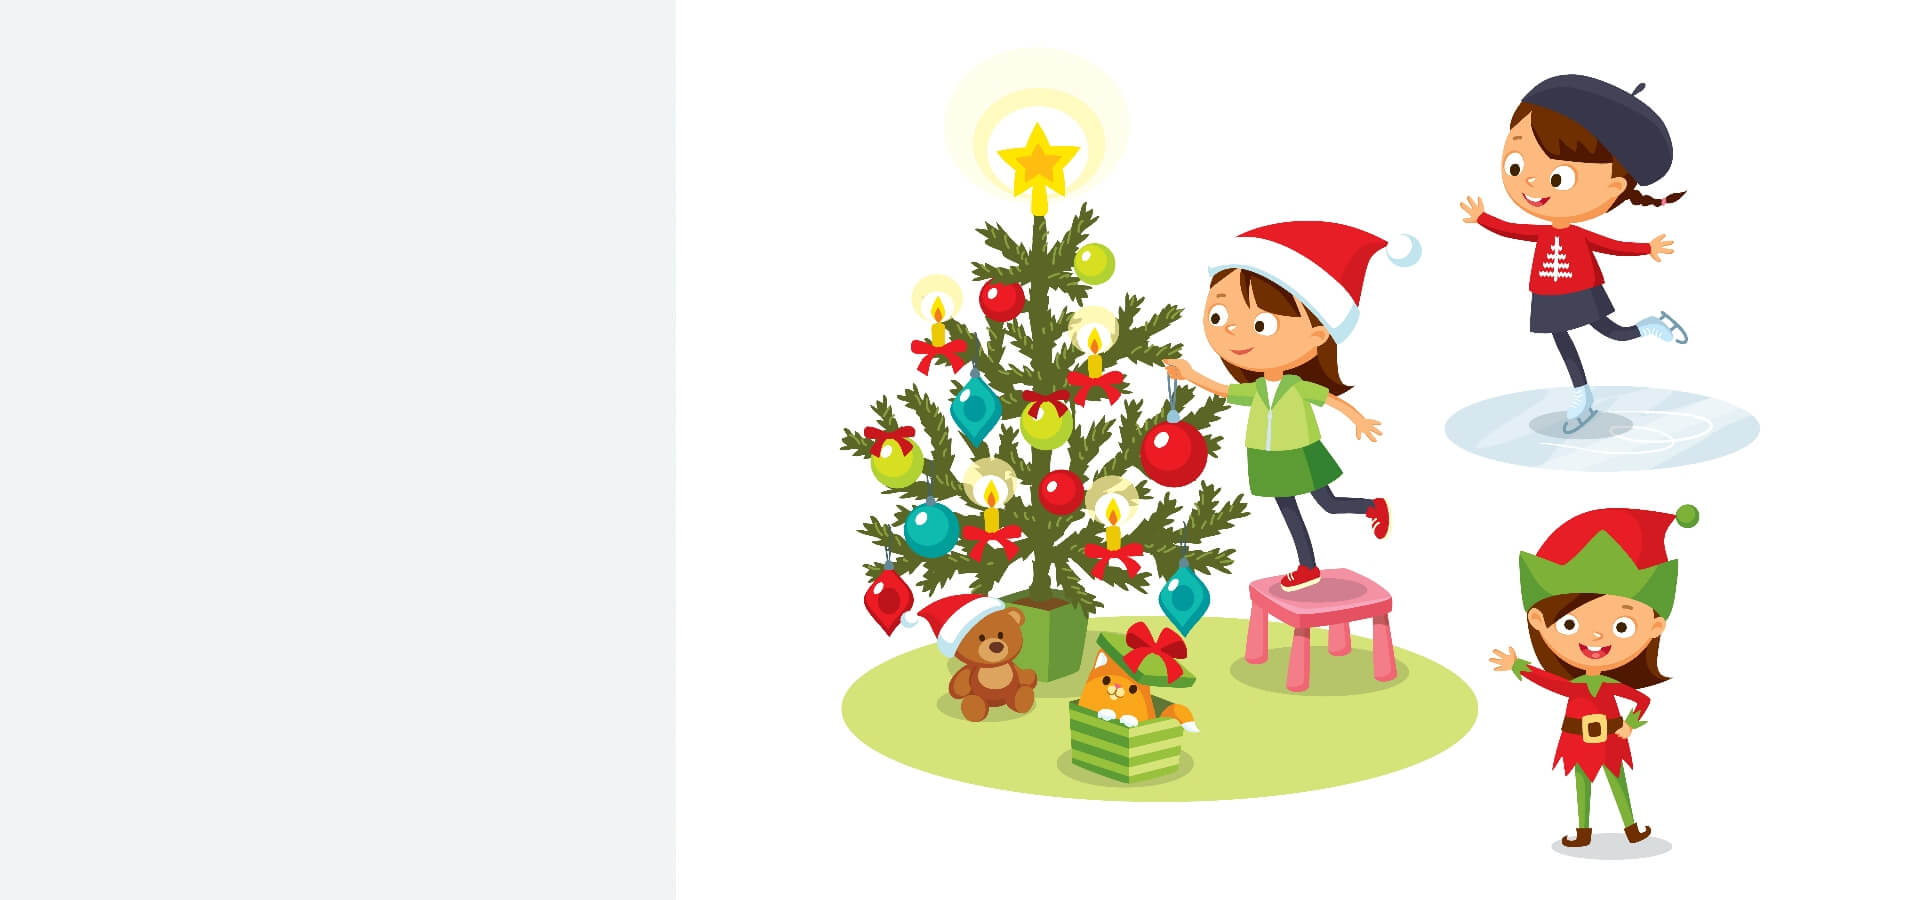 vaikai eglutė žiema kalėdos darželis